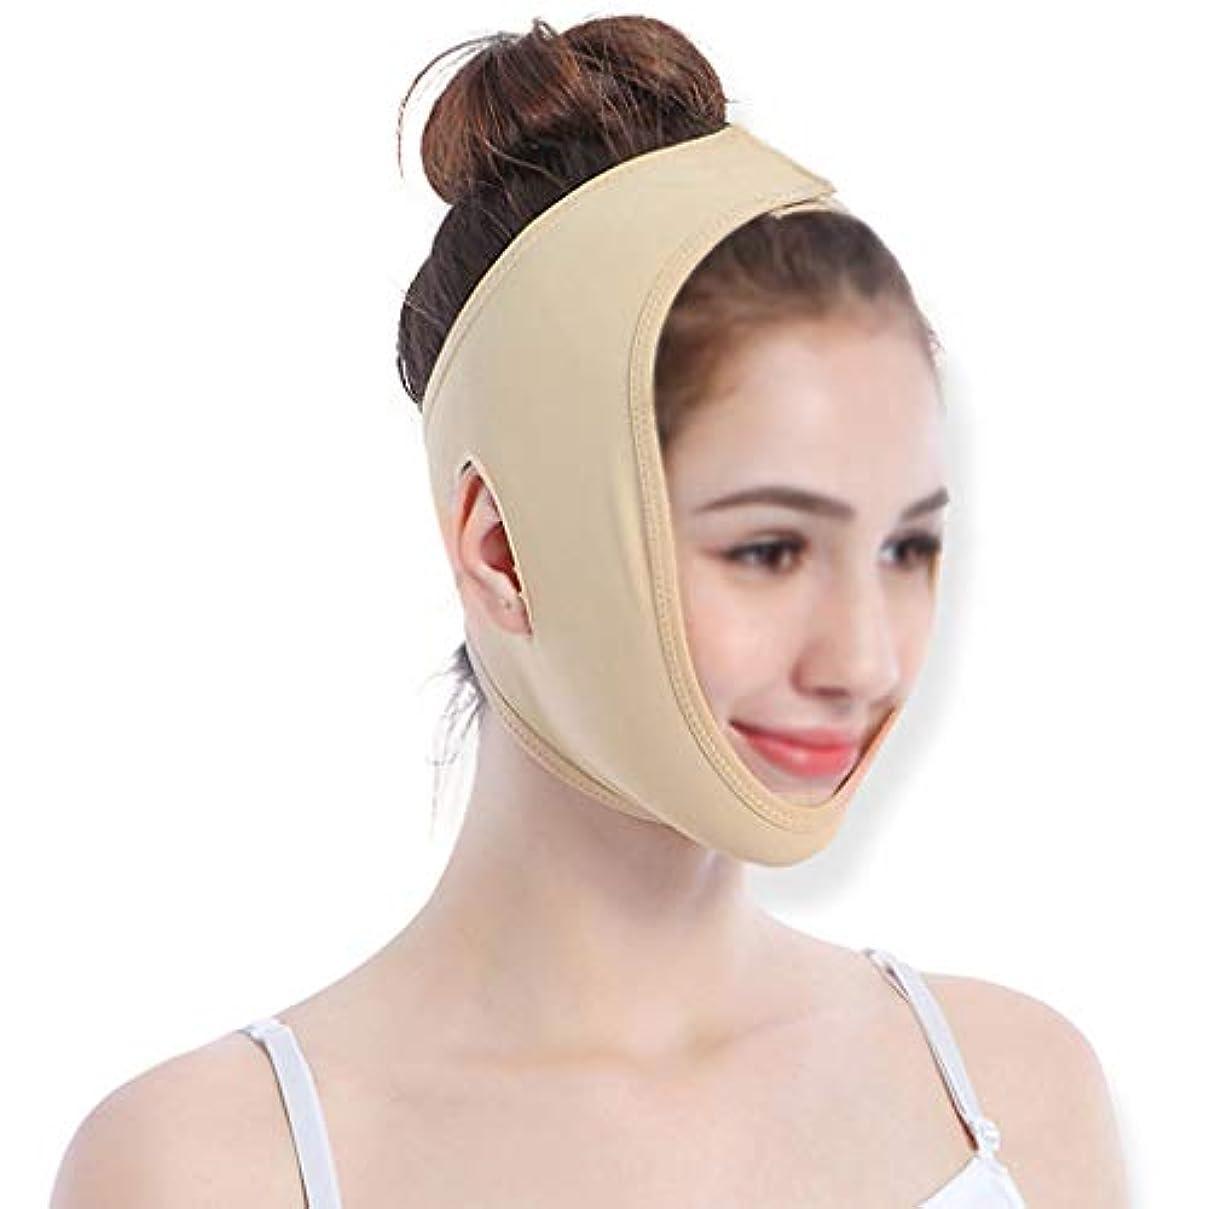 性別社会主義者かろうじてGLJJQMY スリムな包帯V顔の顔のアーティファクトは、女性と女性のための繊細な顔のしわ防止フェイシャルツールを向上させます 顔用整形マスク (Size : M)